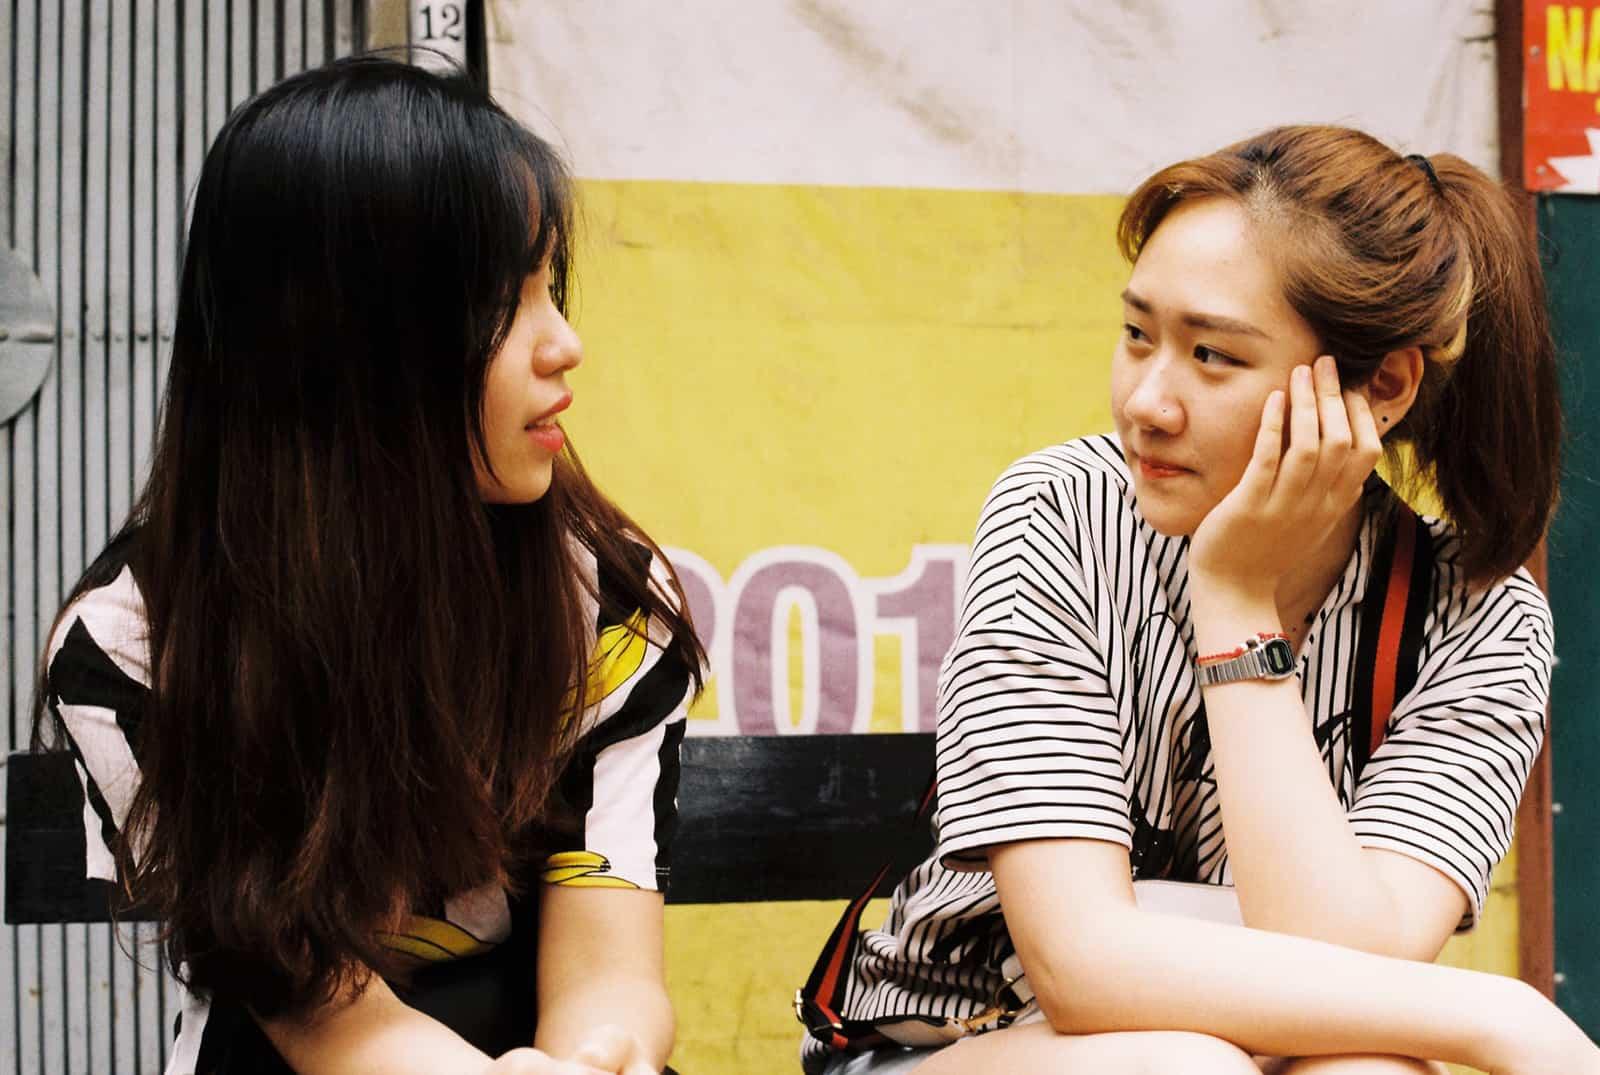 zwei Frauen reden und sitzen auf der Bank